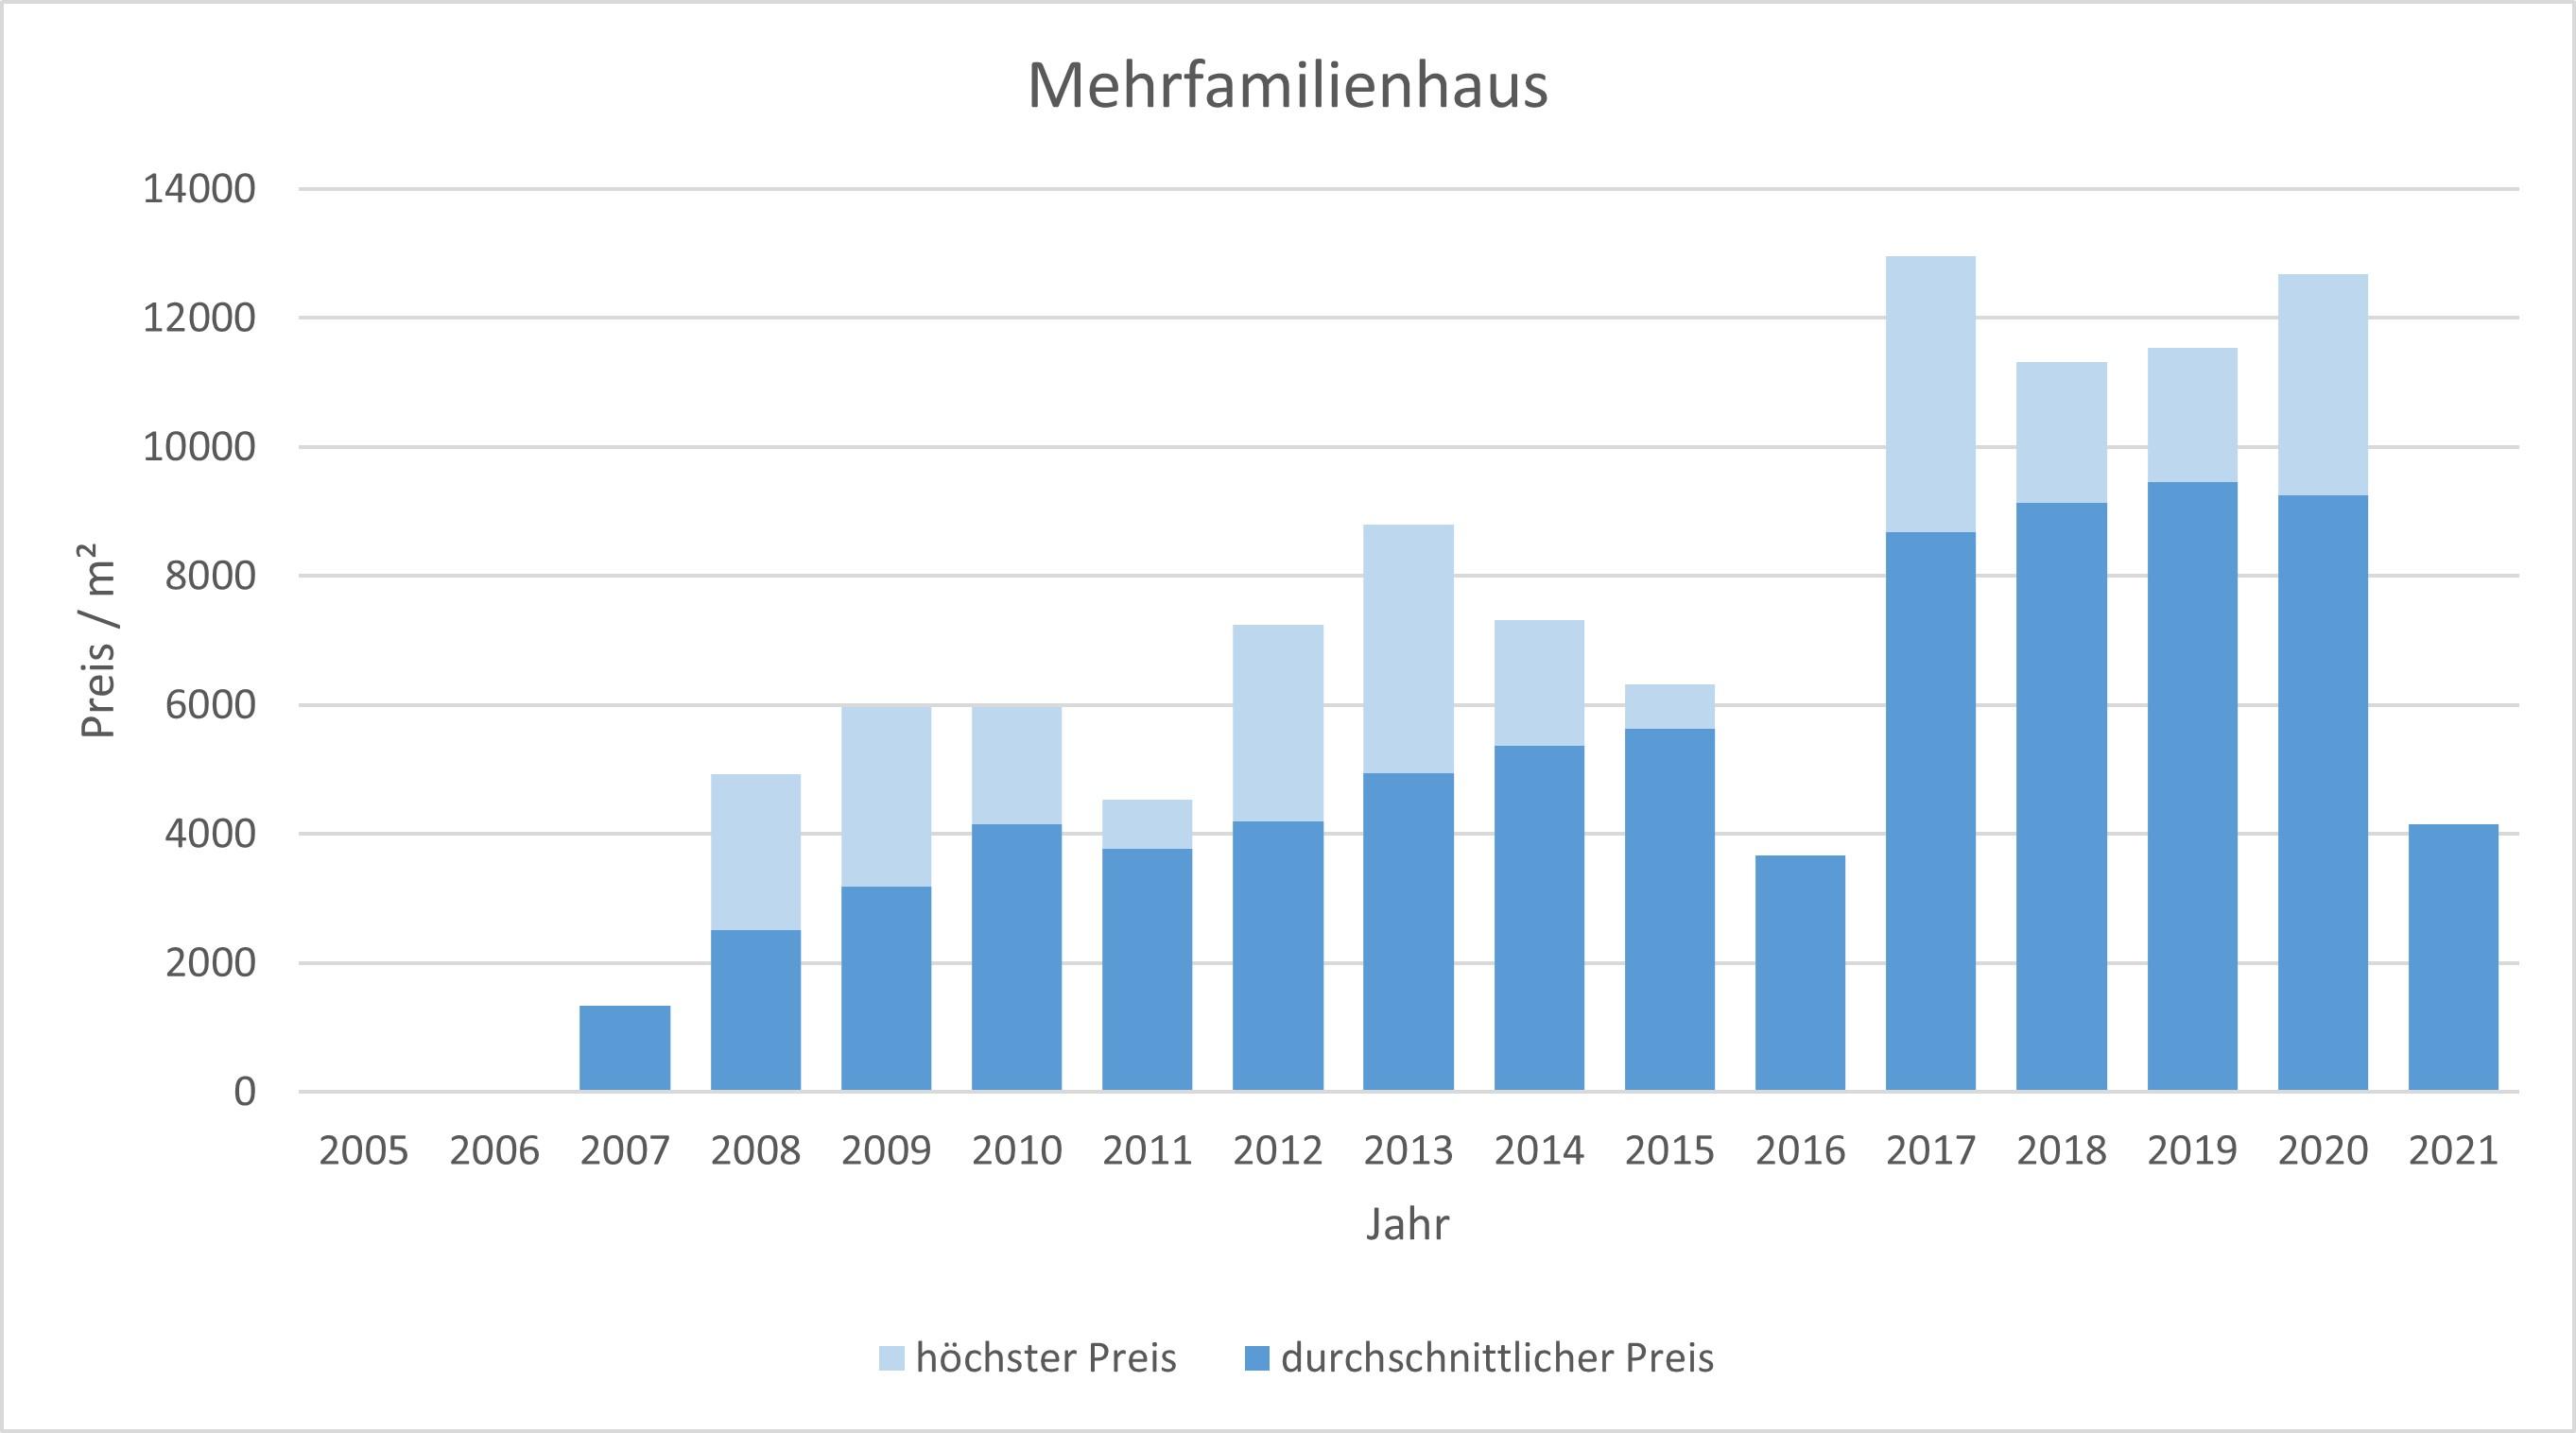 München - Untergiesing mehrfamilienhaus kaufen verkaufen Preis Bewertung 2019 2020 2021 Makler www.happy-immo.de